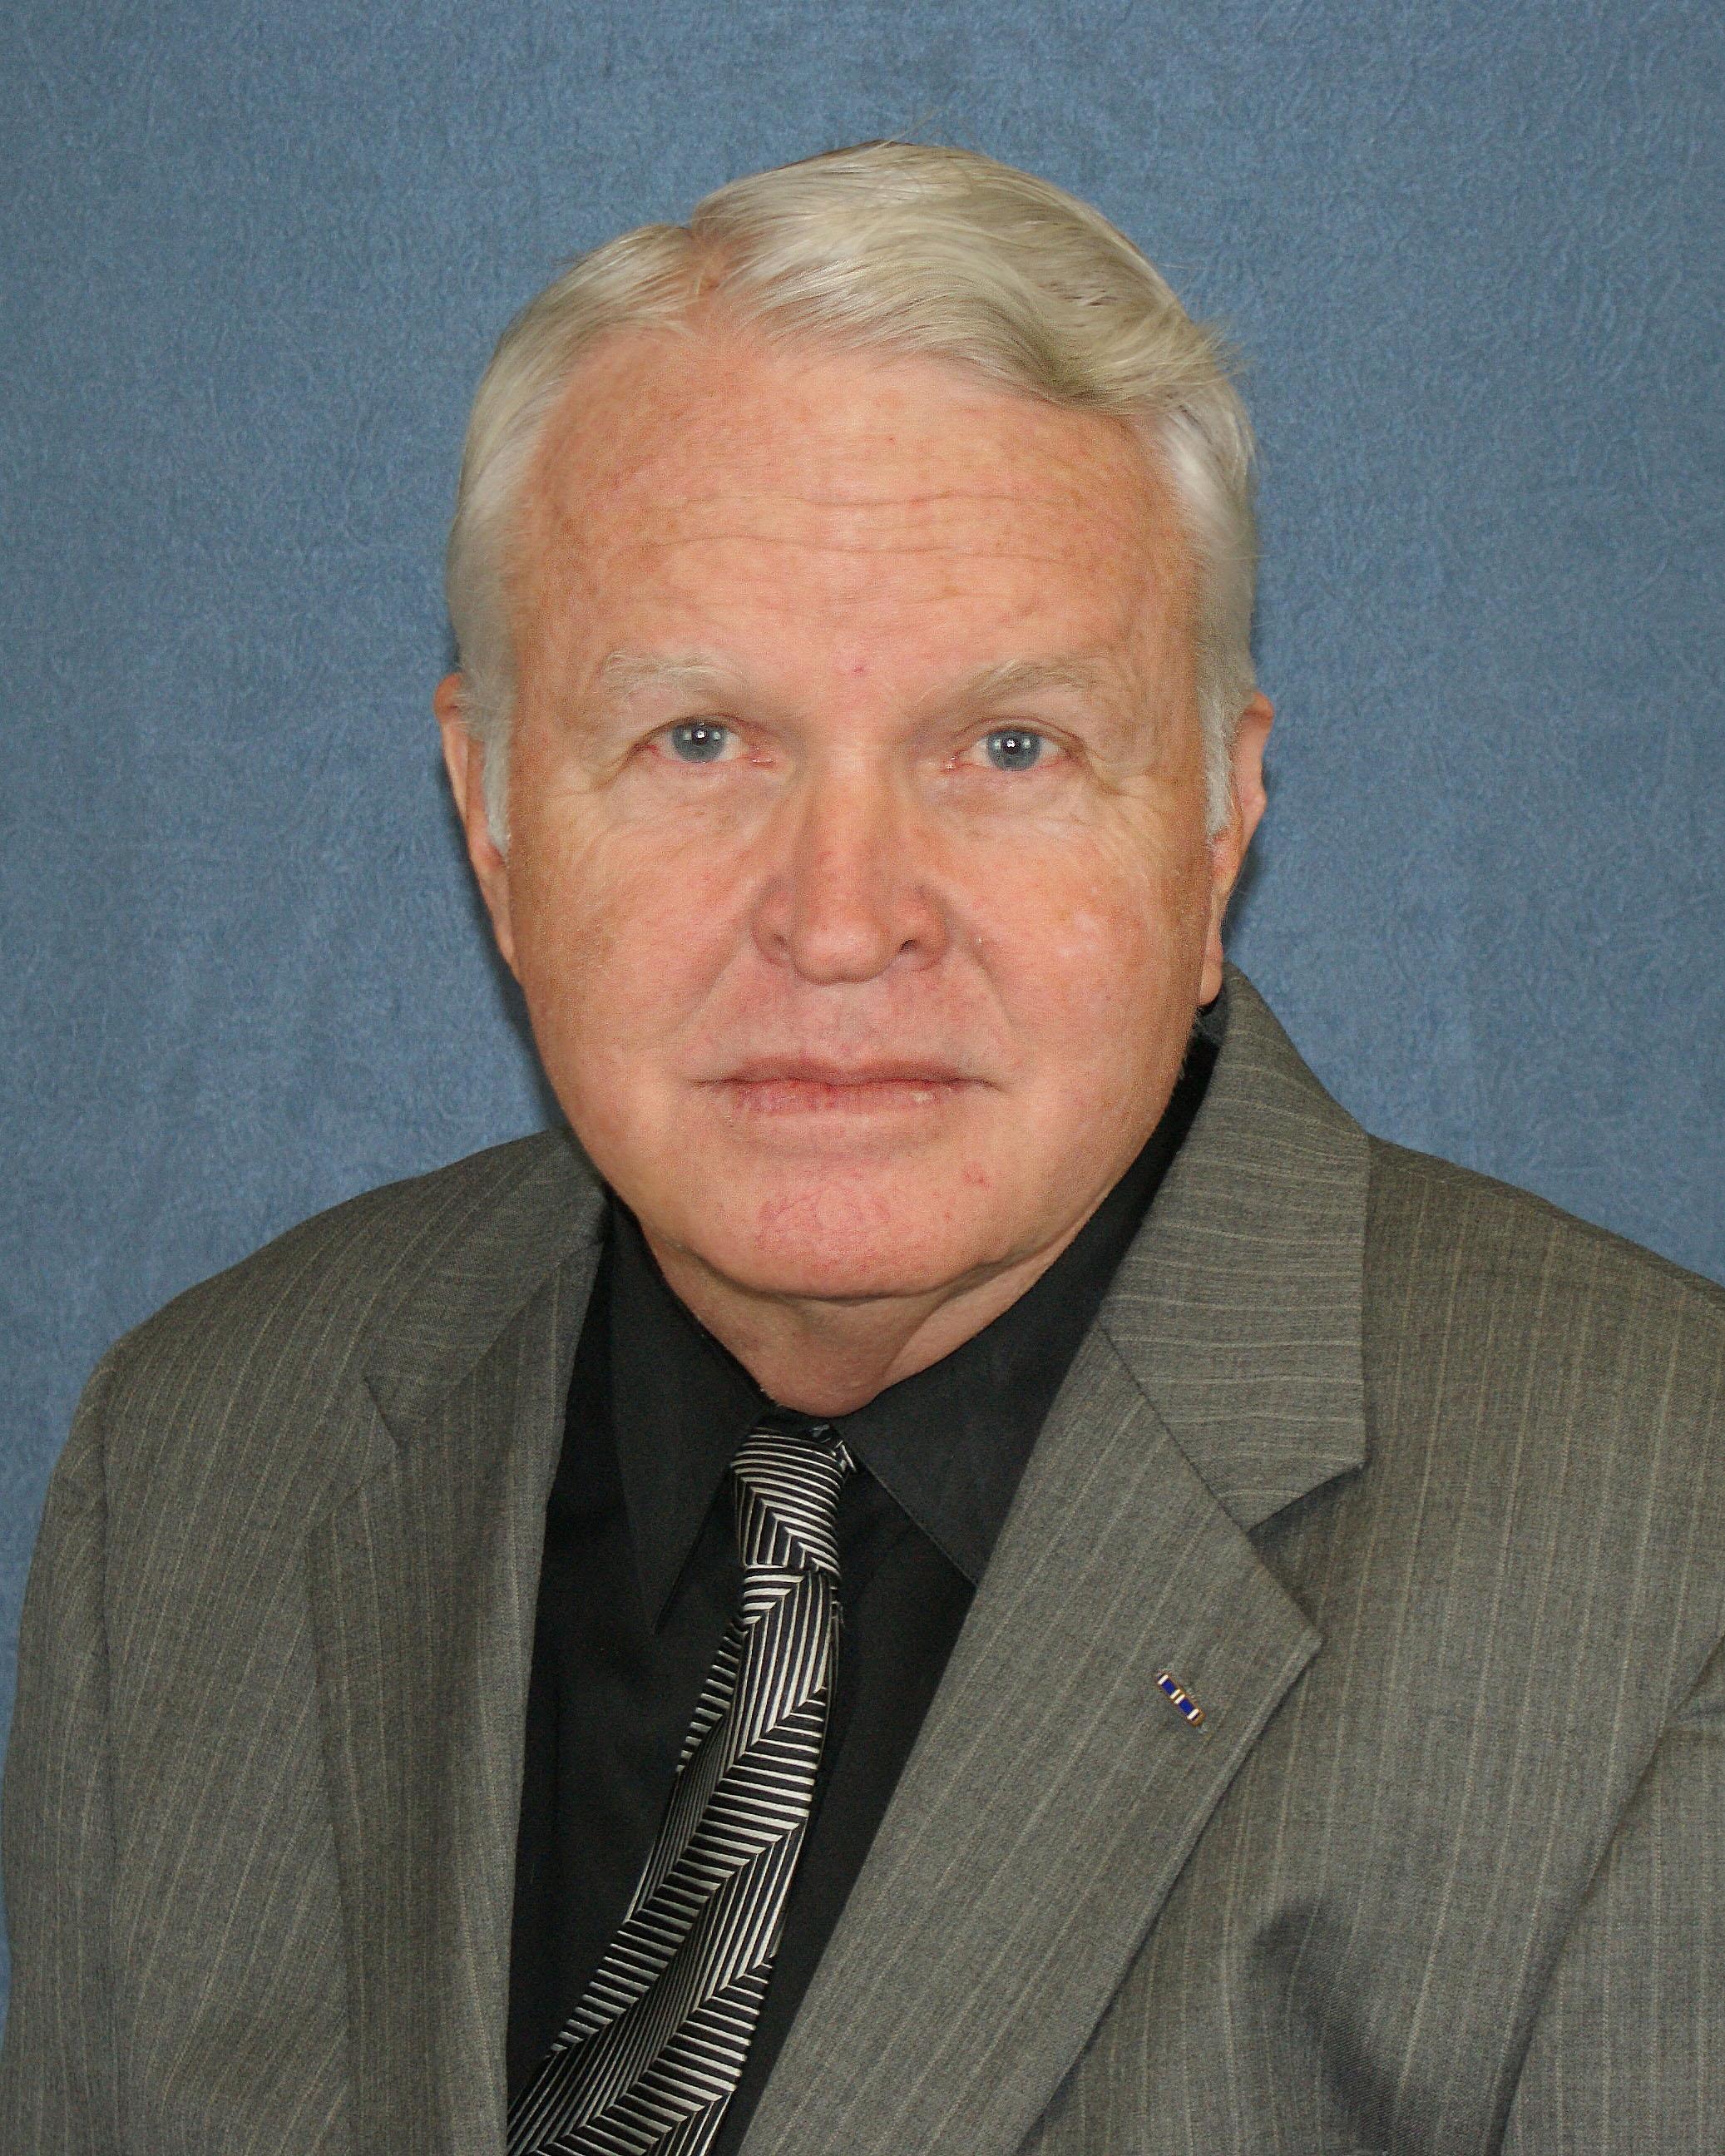 Jim Davis, Director of Asset Management